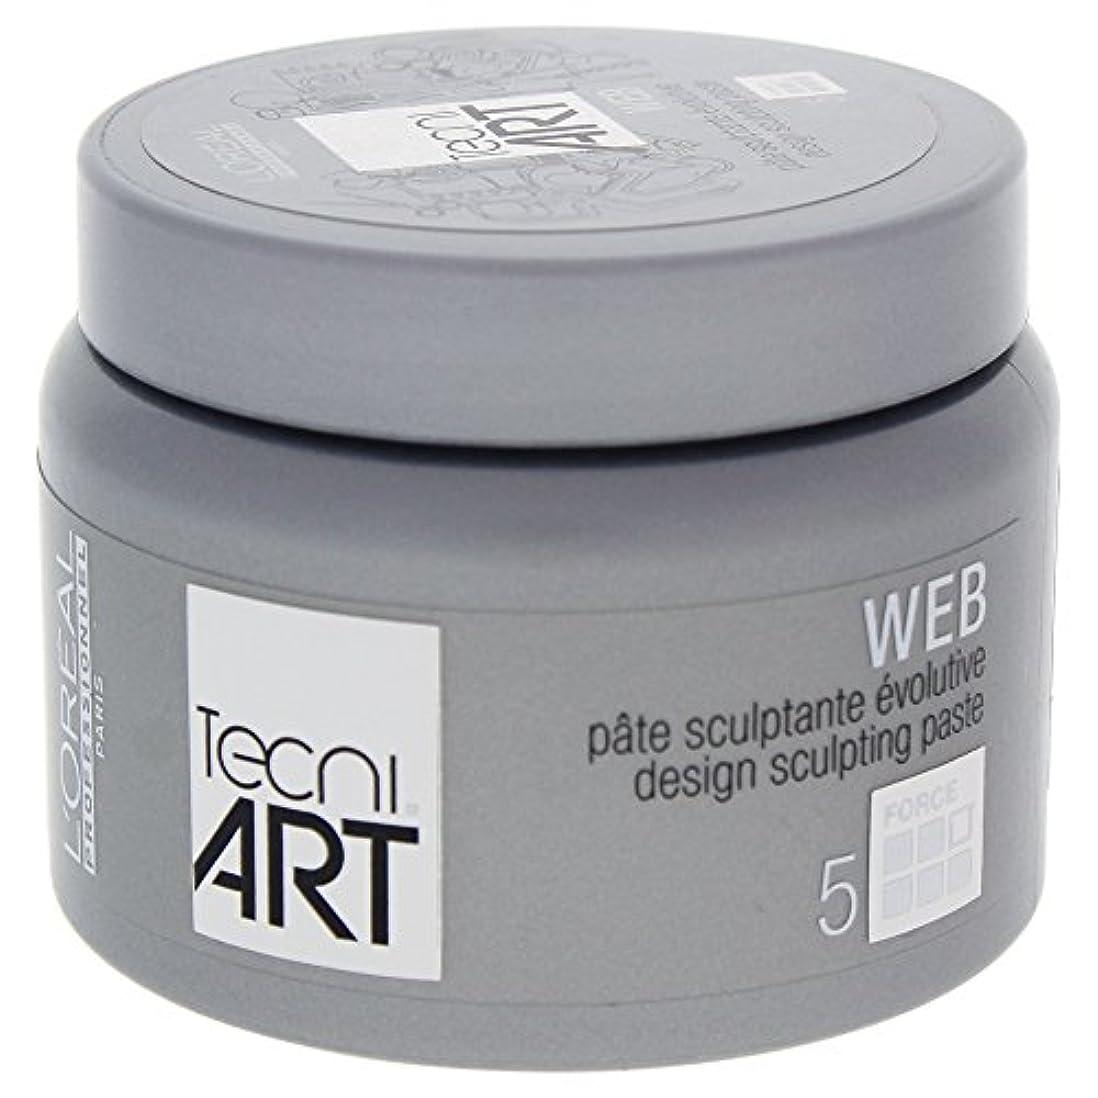 評価不毛引くロレアルテクニアートTecni Art Force 5 Web Design Sculpting Paste